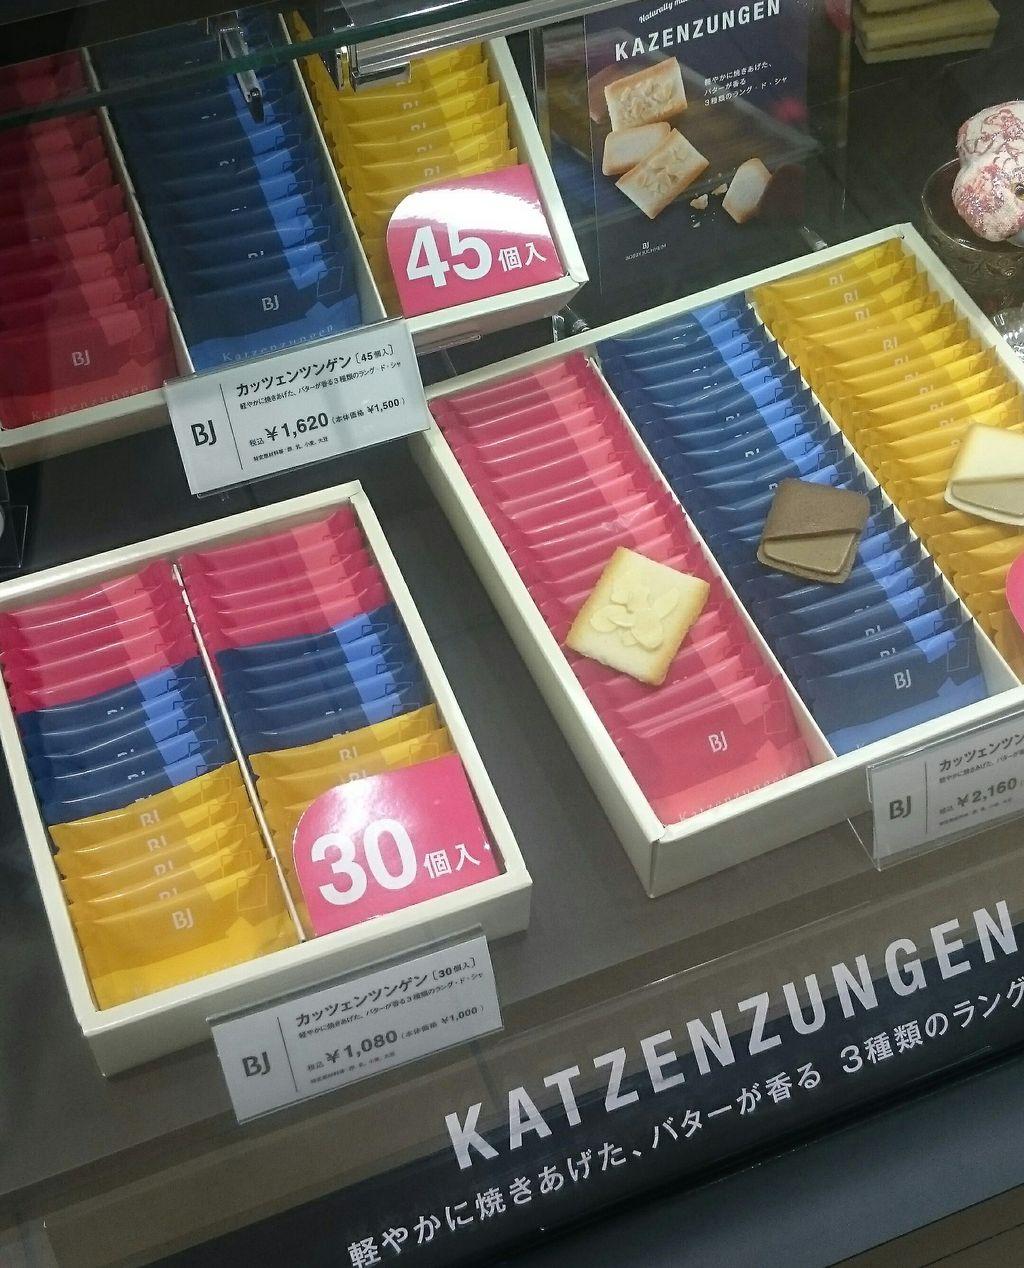 カッツェンツンゲン 30枚入りの画像